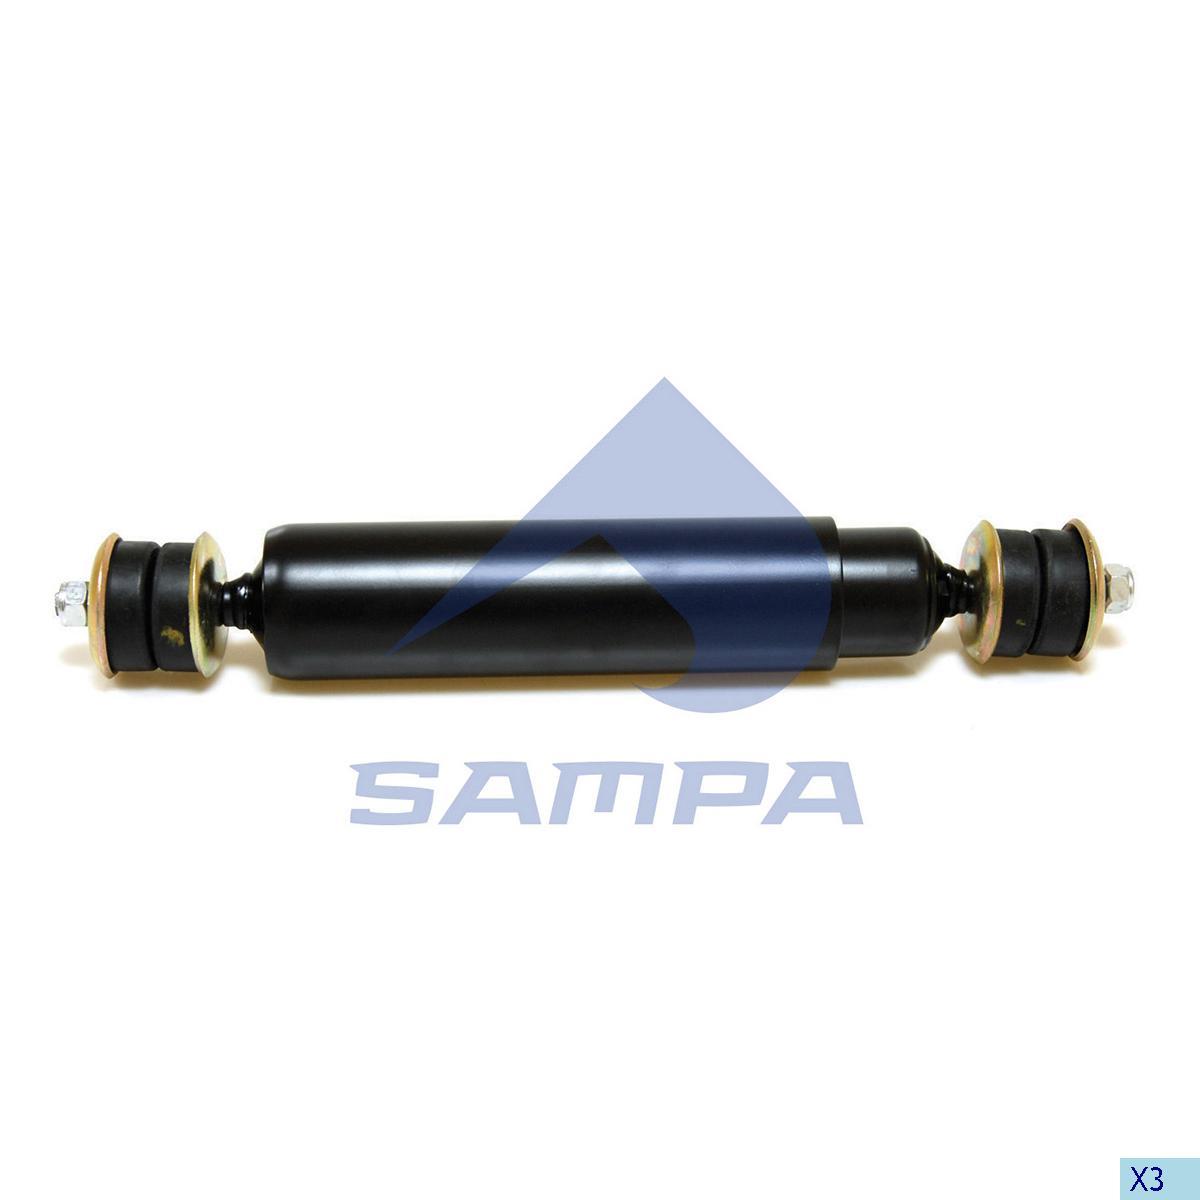 Аммортизатор передний MAN (407-700) ш/ш F2000 (890661) photo